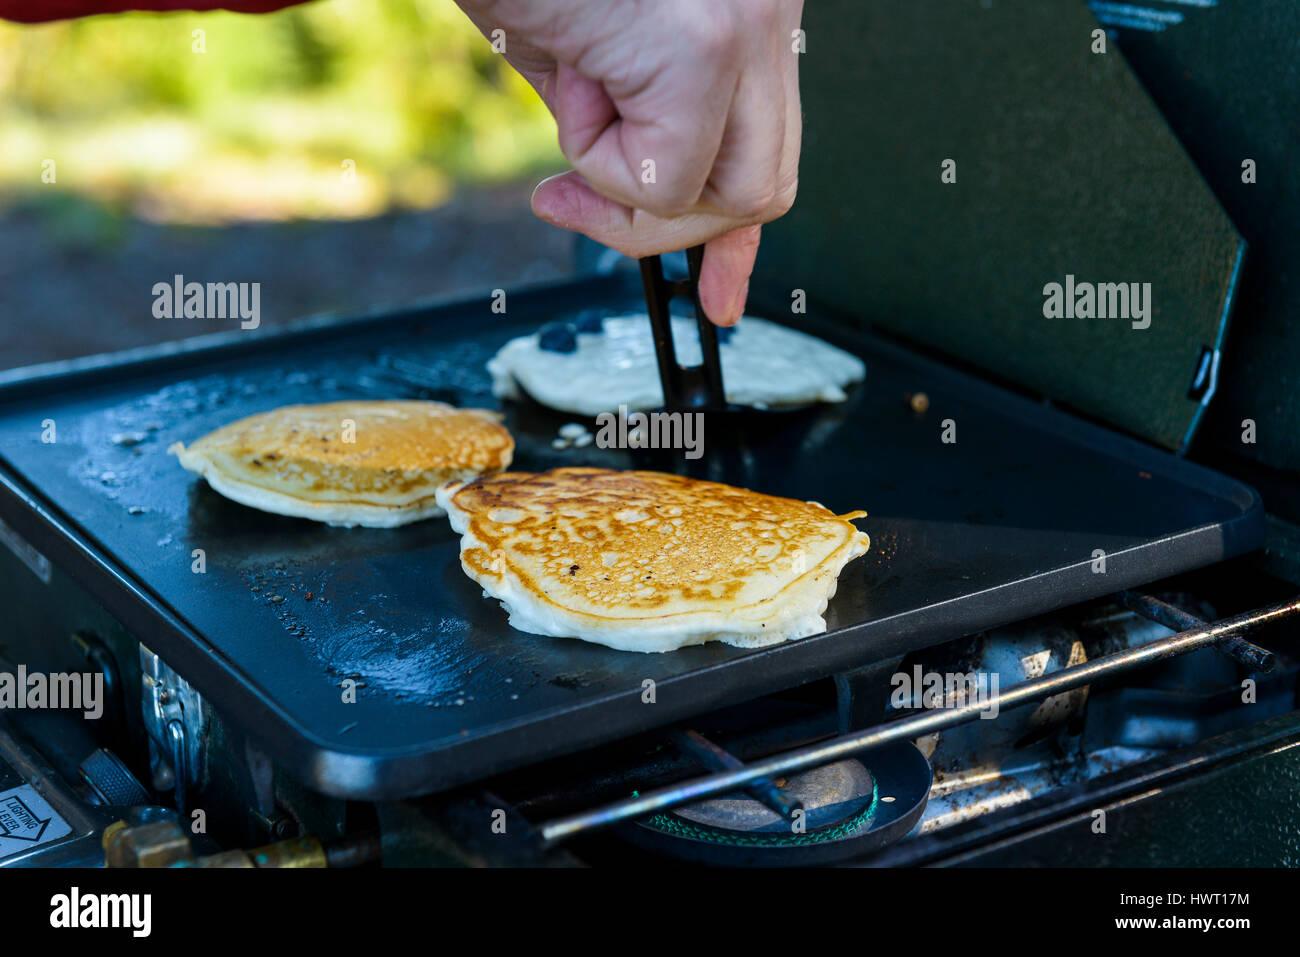 Making Pancakes Stock Photos & Making Pancakes Stock Images